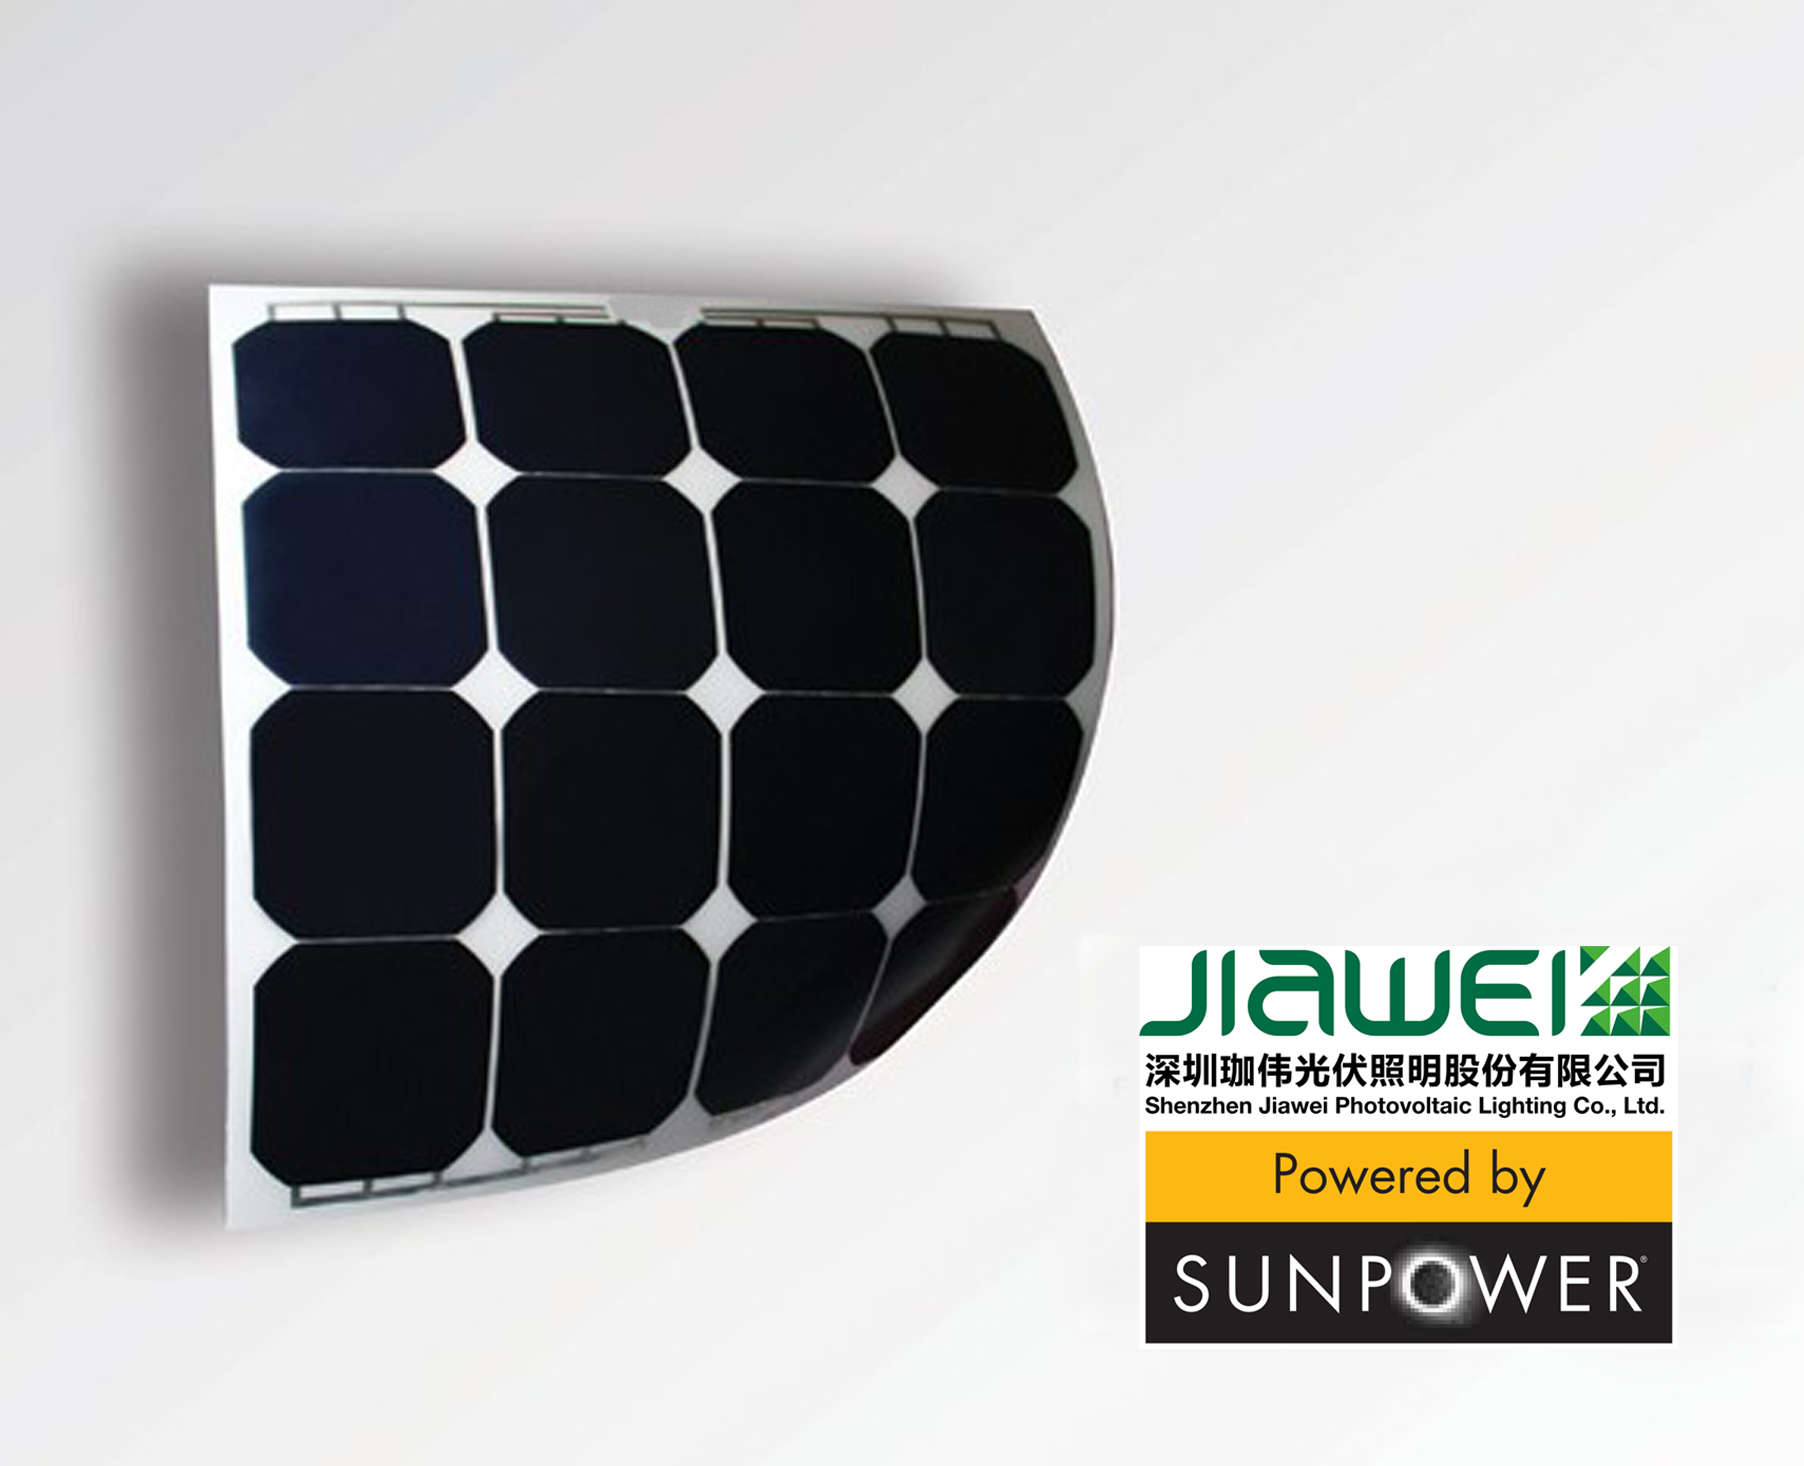 珈伟优拜Hellobike共享单车超高效率太阳能板